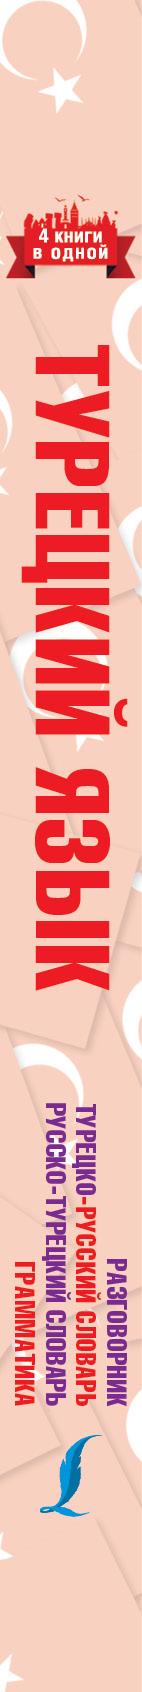 Турецкий язык. Разговорник, турецко-русский словарь, русско-турецкий словарь, грамматика